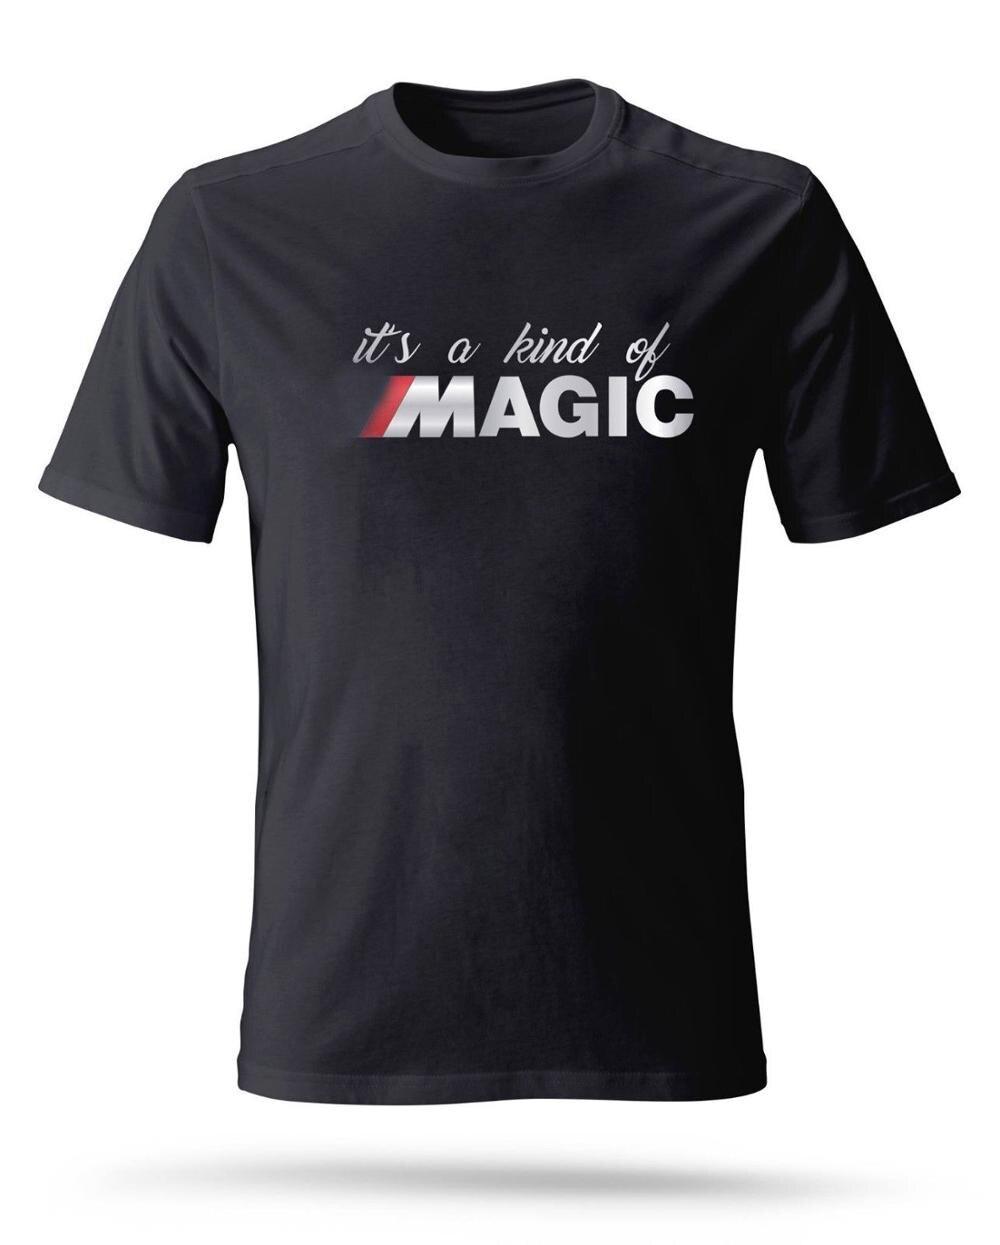 2019 Hot Venda Nova Dos Homens Camisa de T Dos Homens Alemanha Carro Clássico M T-shirt Poder-é UMA Espécie de magia E30 E36 E46 T Camisa camiseta